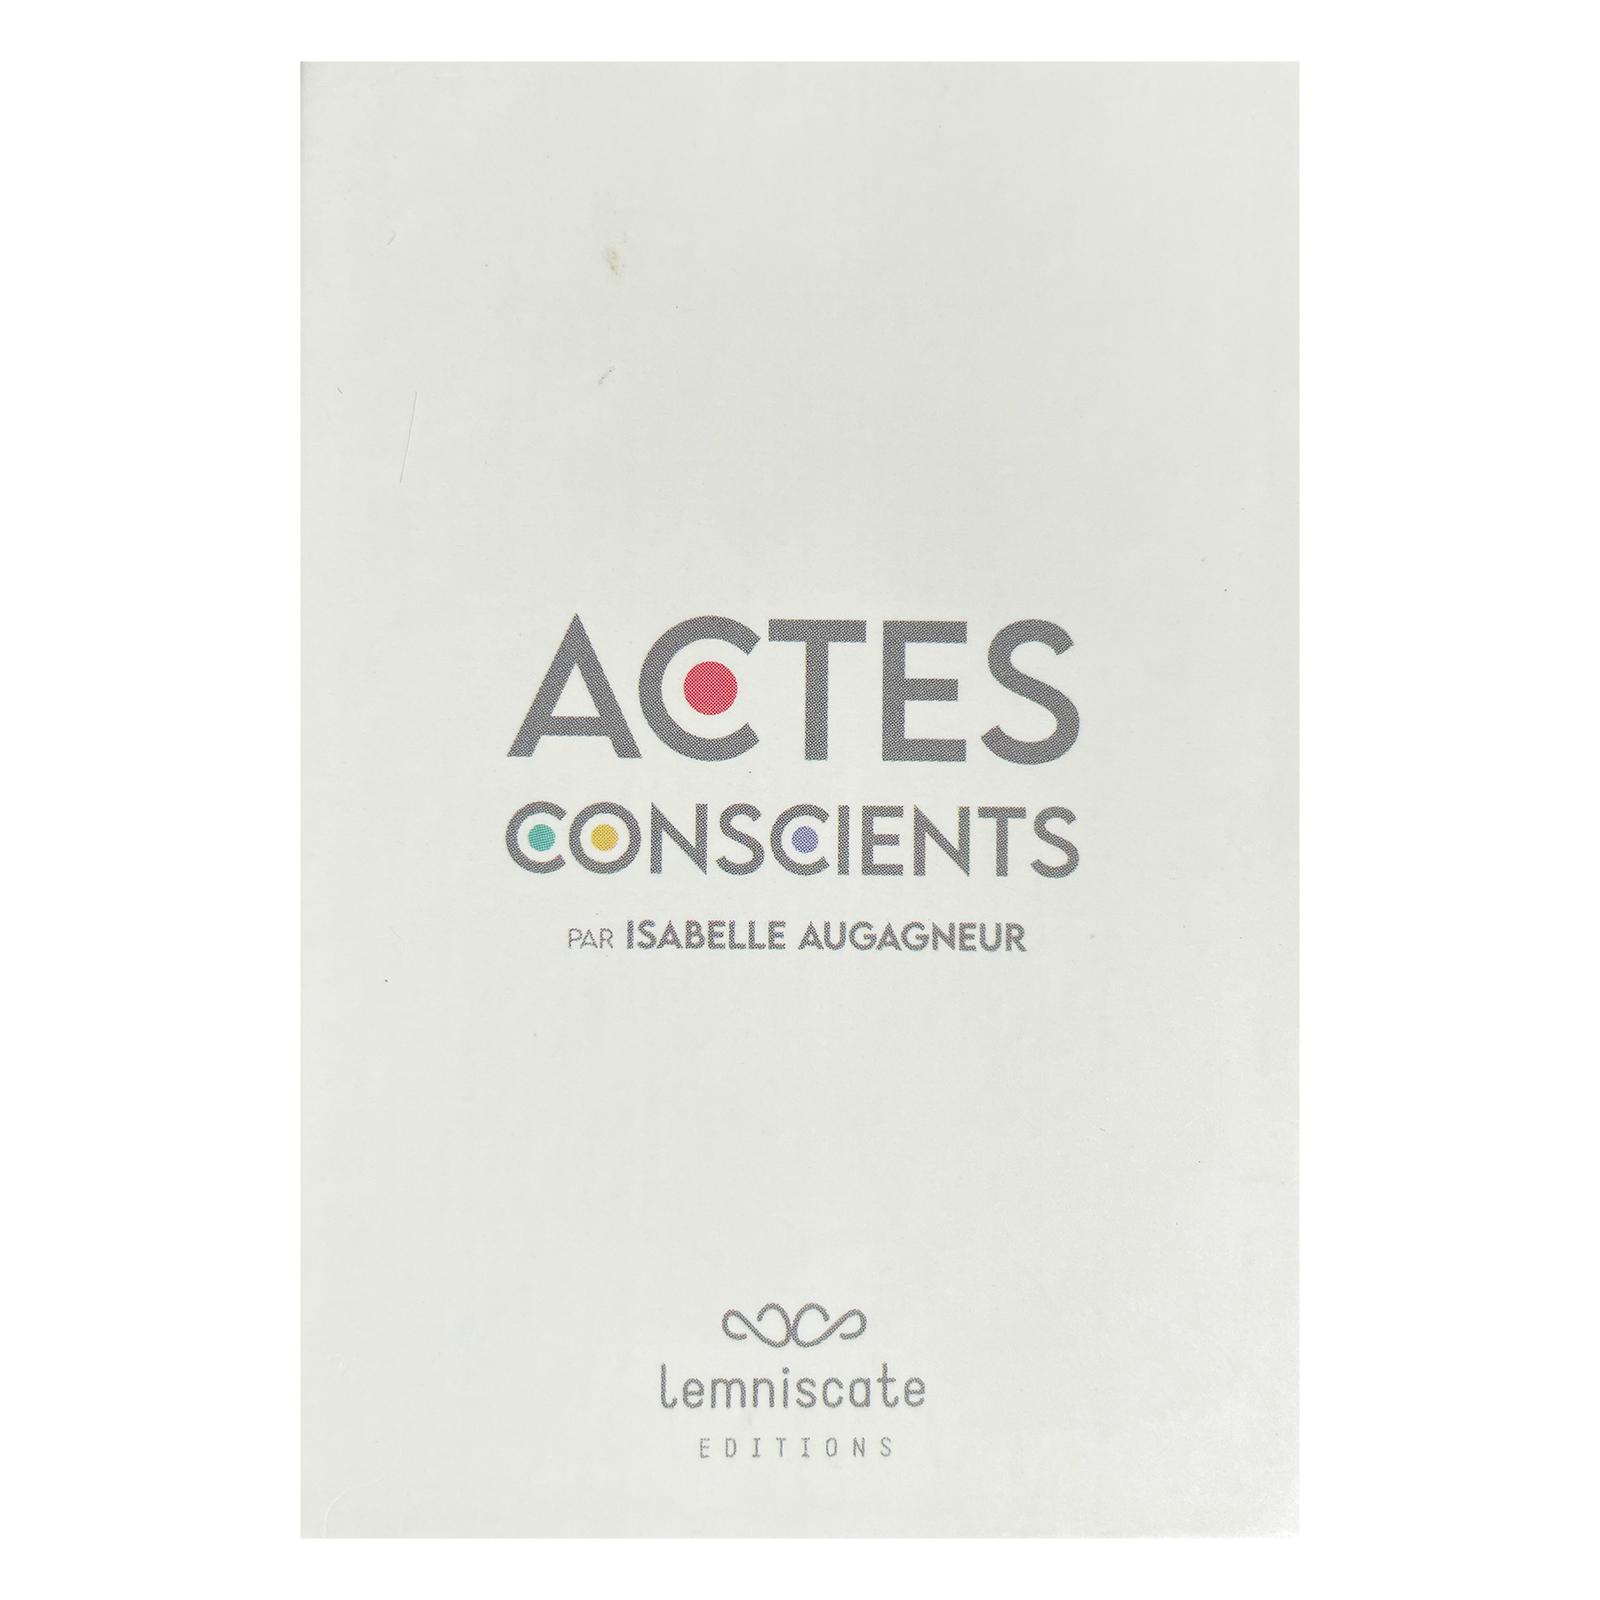 Actes conscients